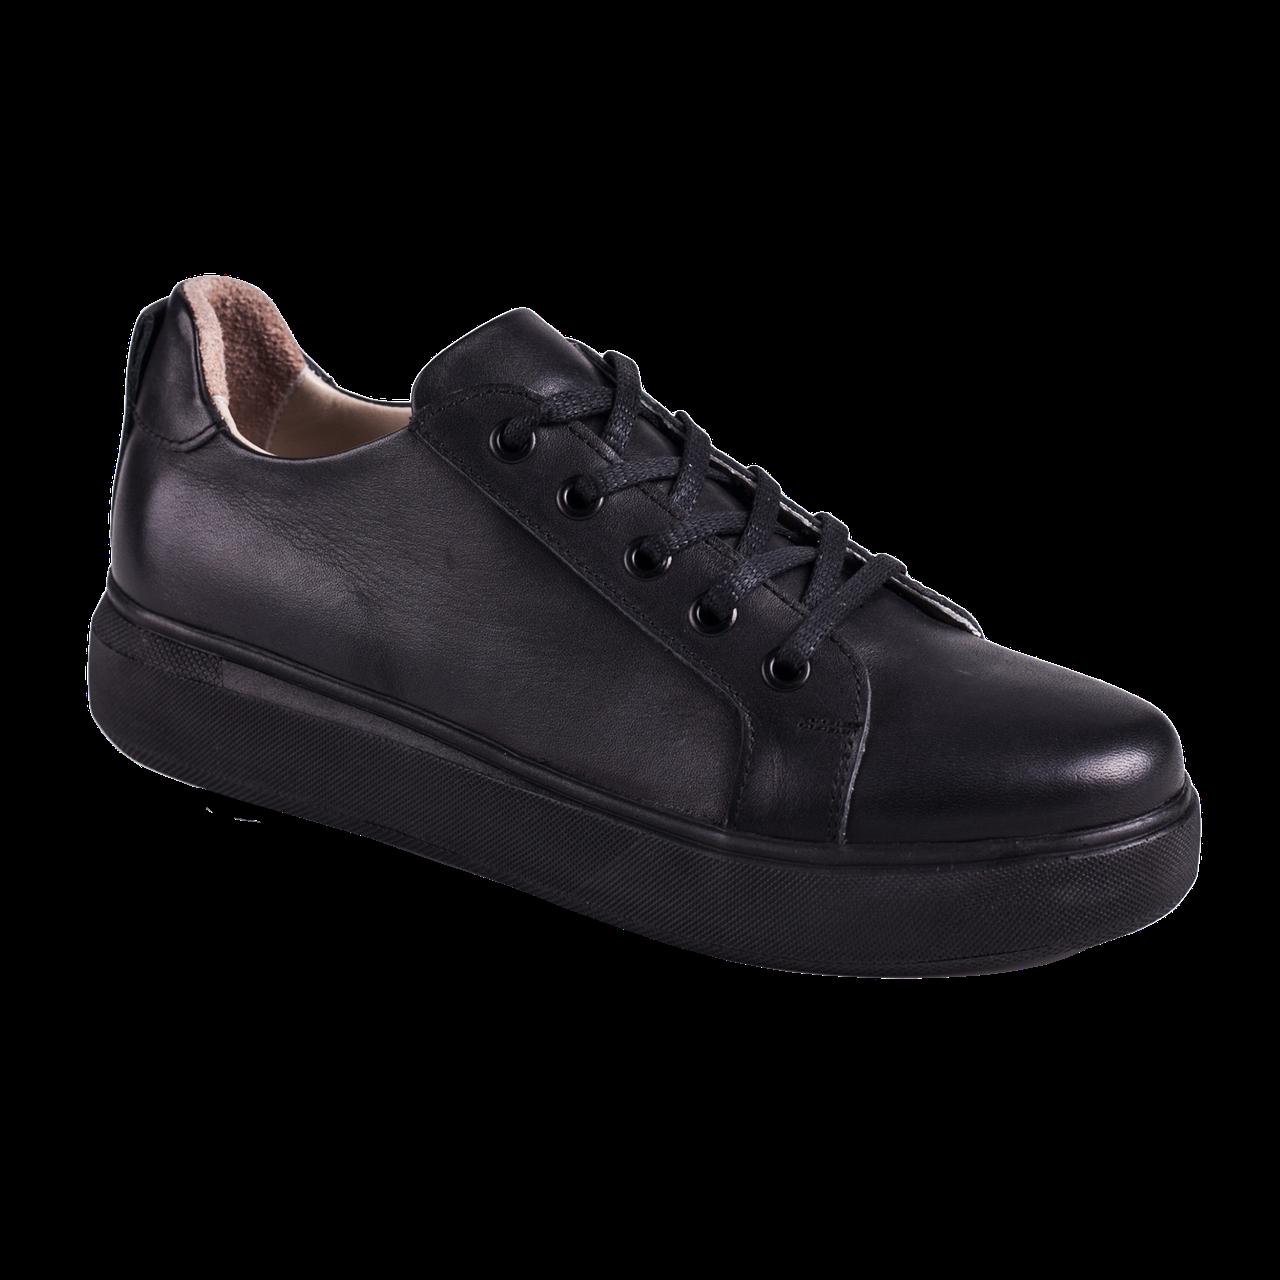 Женские ортопедические туфли М-206 р.36-40 36